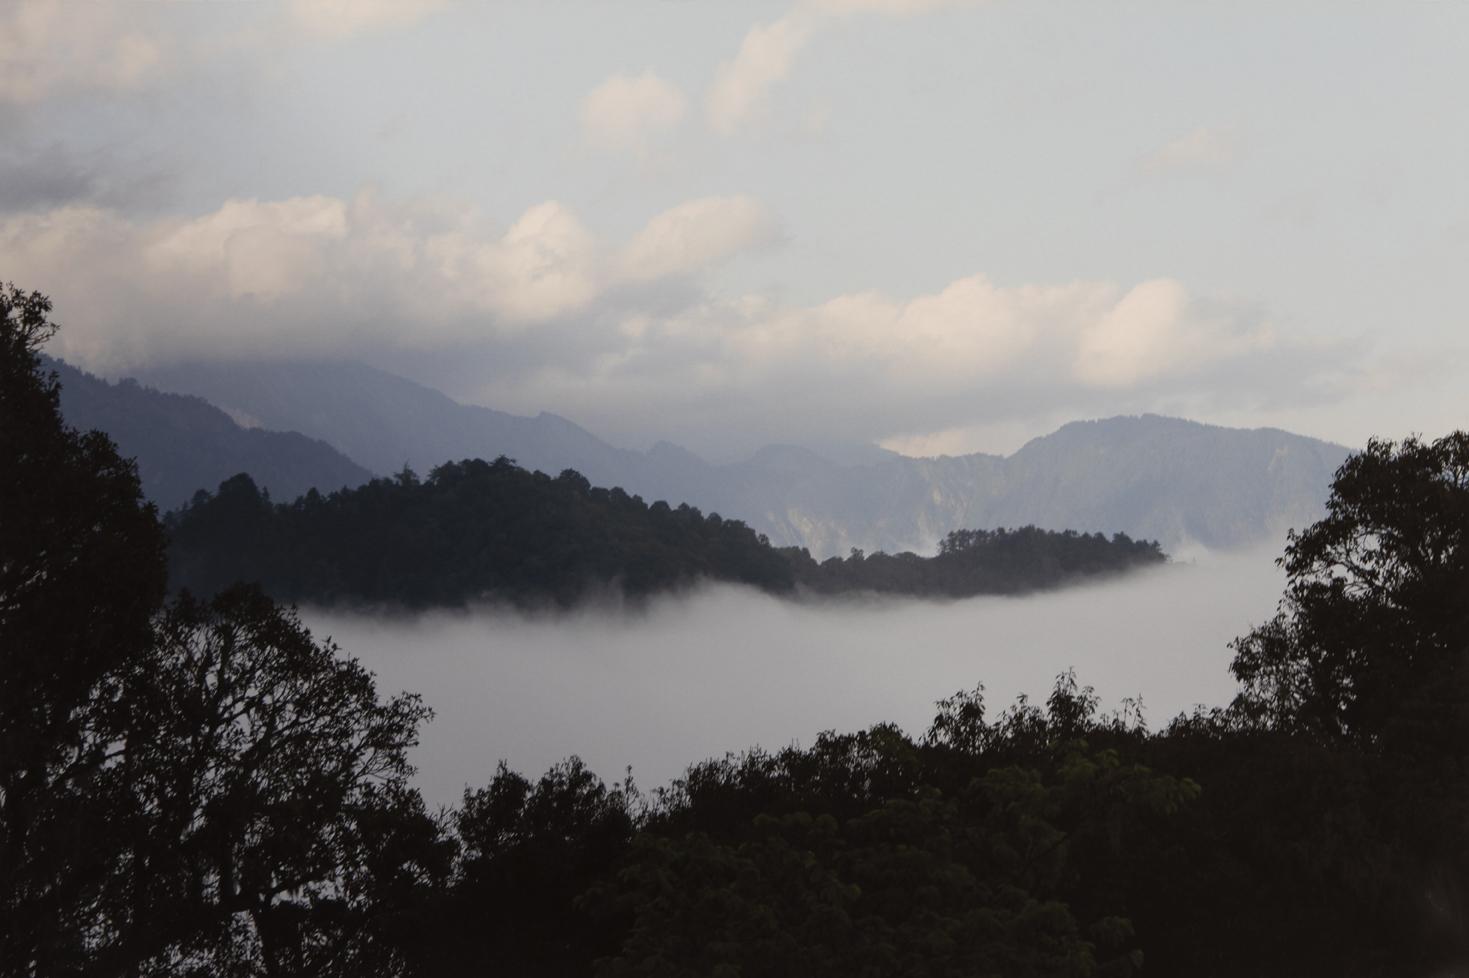 Kuulas maisema: puolipilvinen taivas, vuoria, metsää, usvainen laakso.